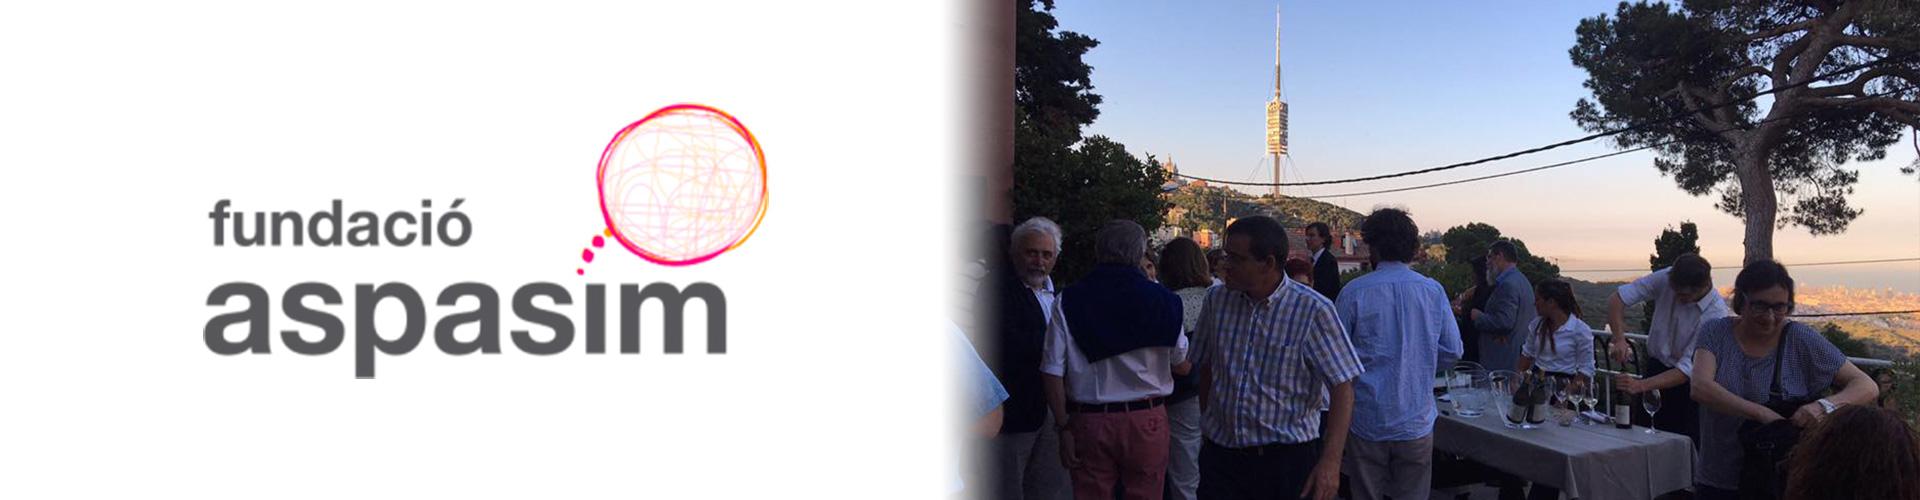 fundacios-asprasim-bodegas-manzanos-banner